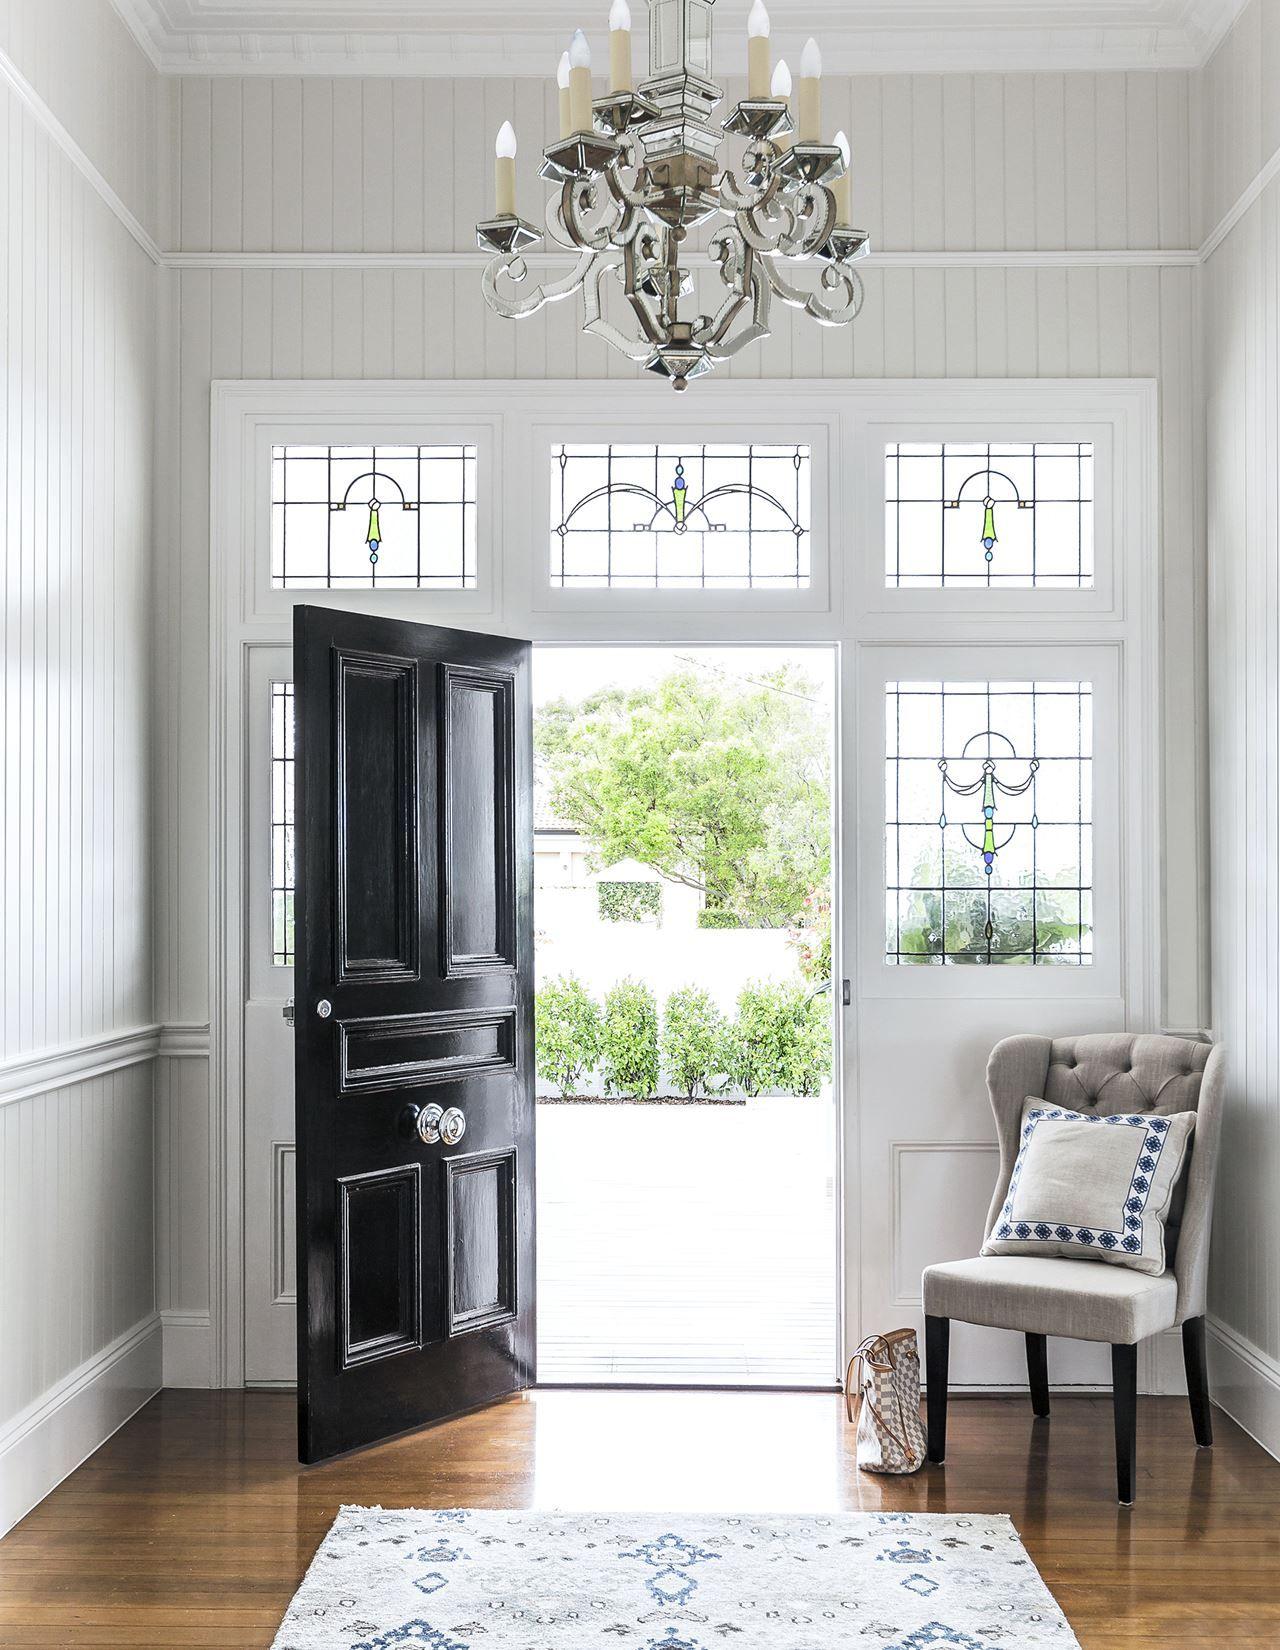 Entryway black front door stained glass windows pale grey entryway black front door stained glass windows pale grey vertical wooden wall panelling eventelaan Gallery